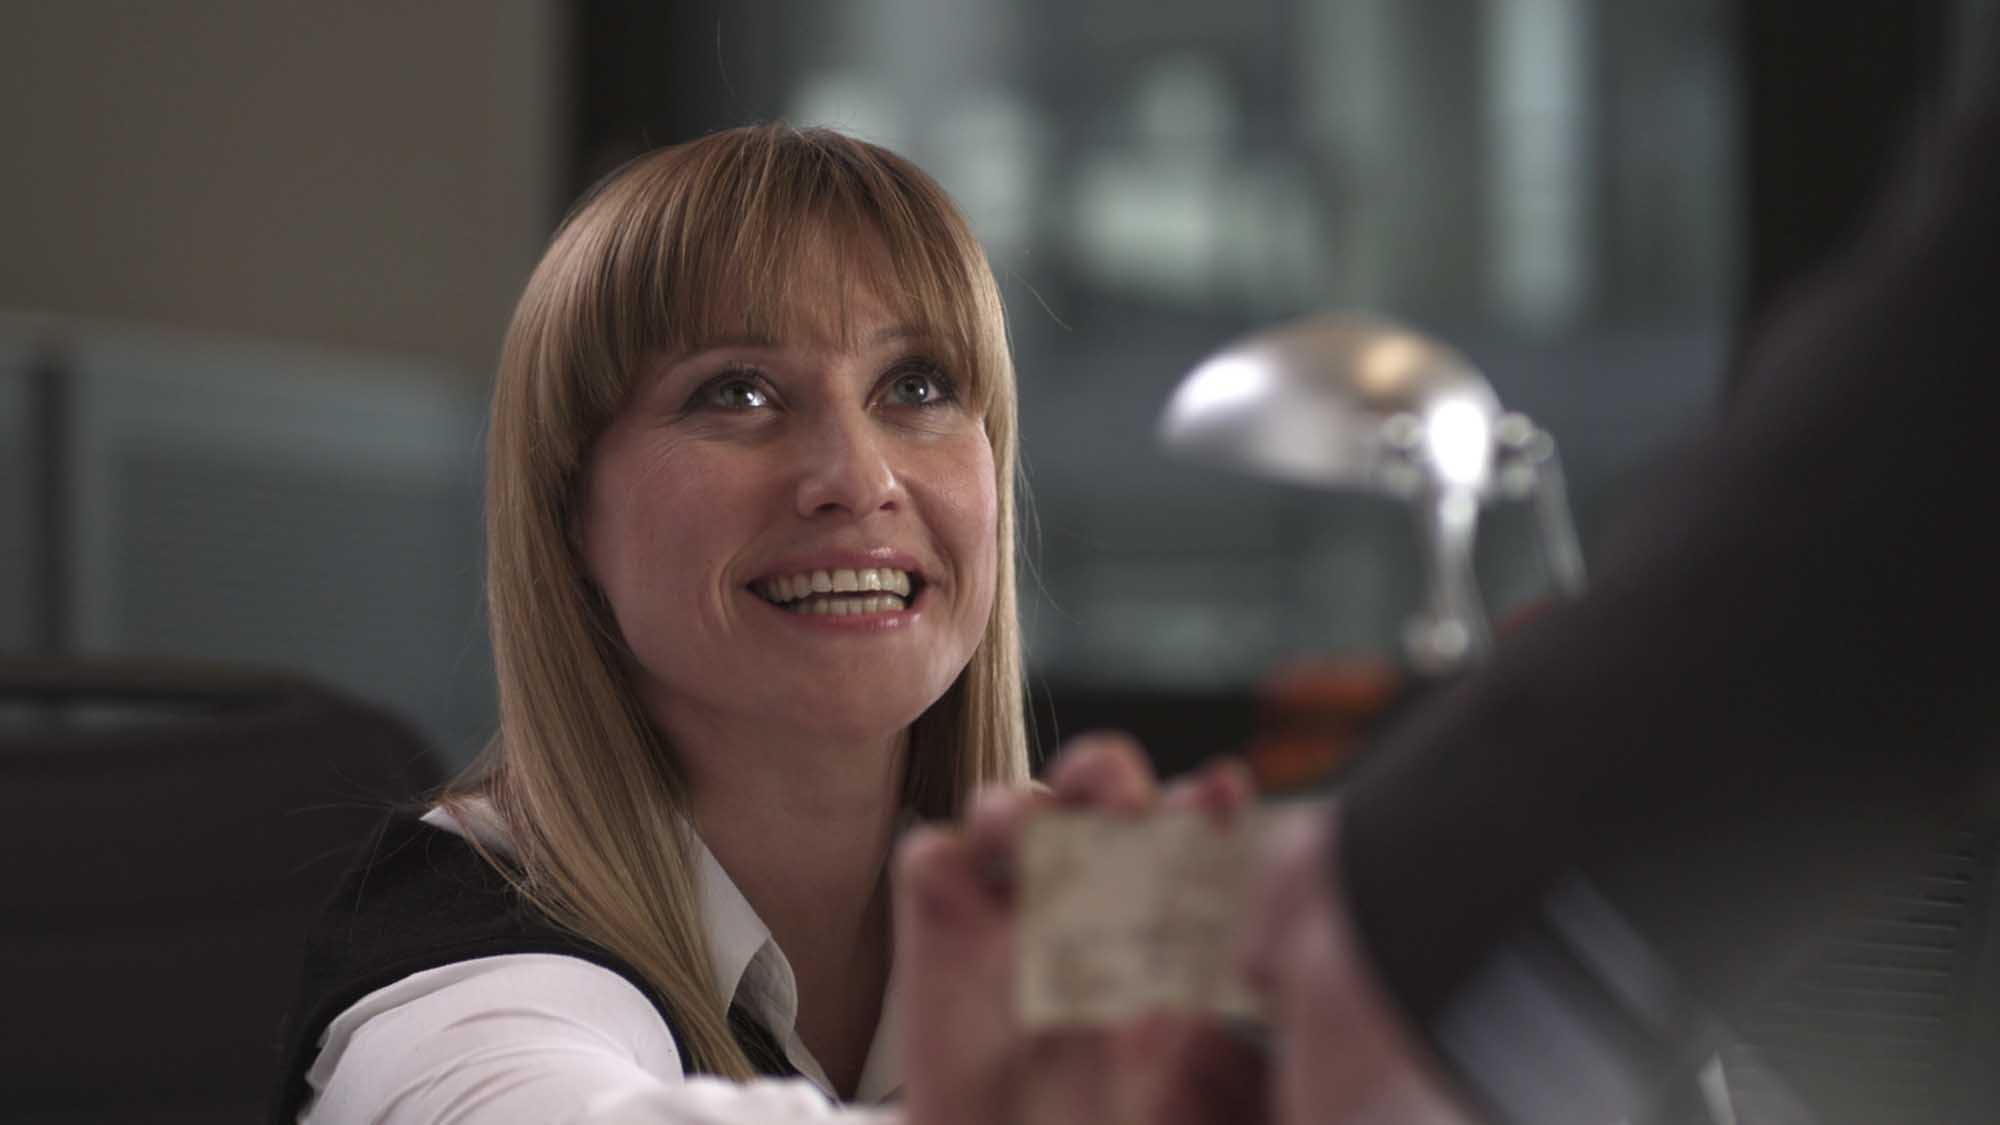 Das Bild zeigt eine blonde, lachende Frau. Sie hält eine Kreditkarte in der Hand demonstrativ nach vorne. Sie trägt ein weißes Hemd mit einem schwarzen Überzug. Vor ihr sieht man einen verschwommenen Arm. Das Bild dient als Sliderbild für den Portfolioeintrag Mastercard mc-bizz von Panda Pictures.